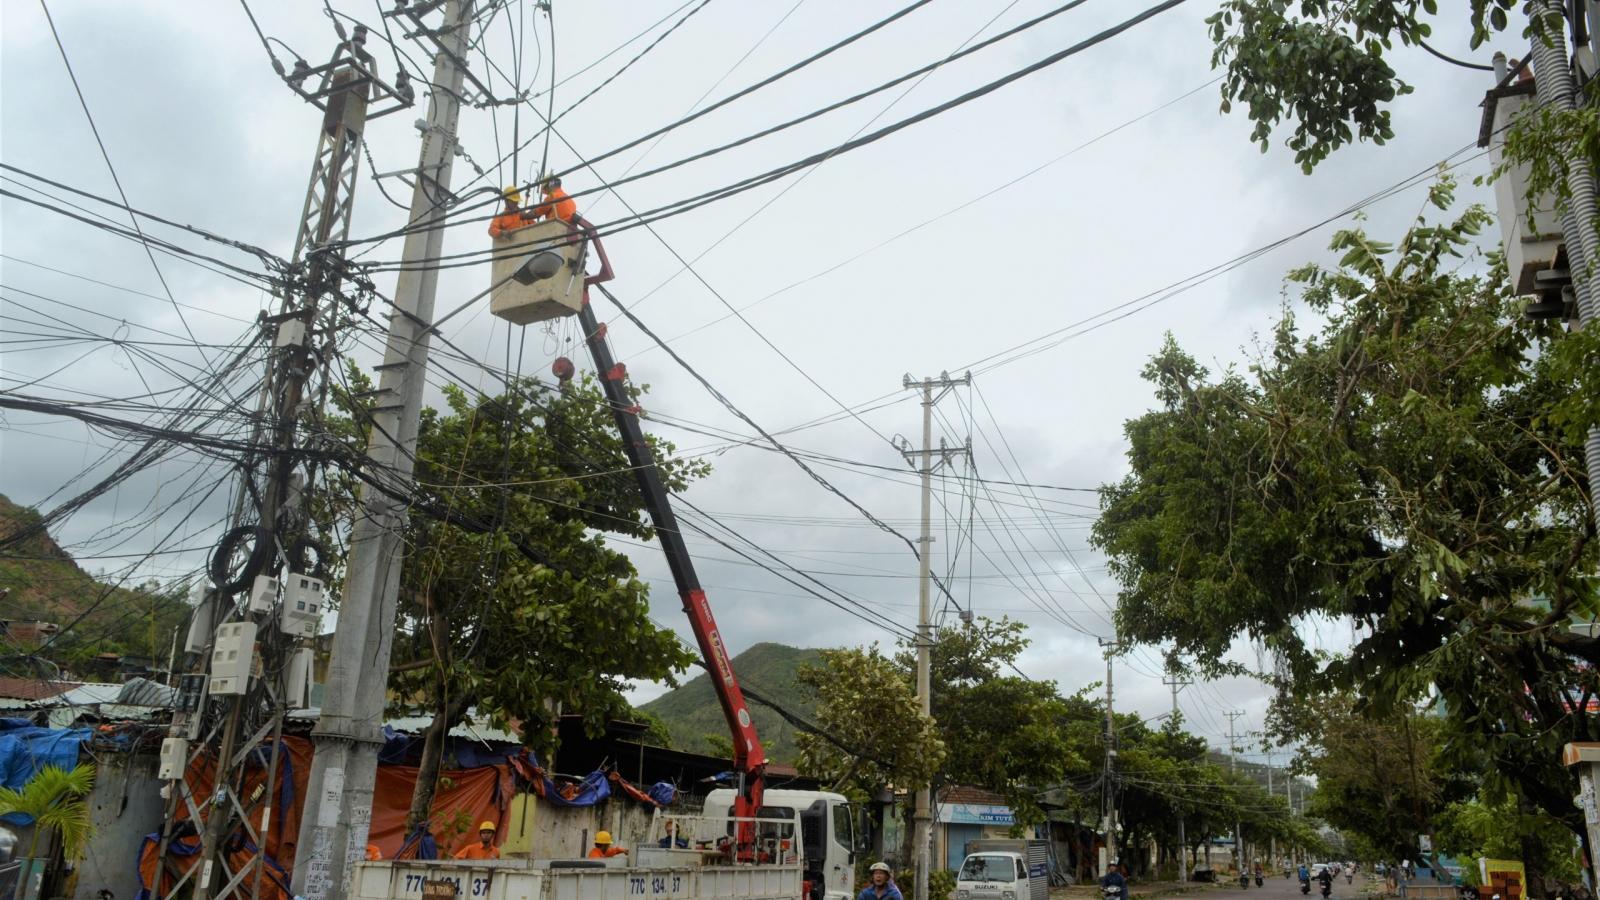 Bão số 9 gây mất điện gần 600 xã, phường tại các tỉnh miền Trung